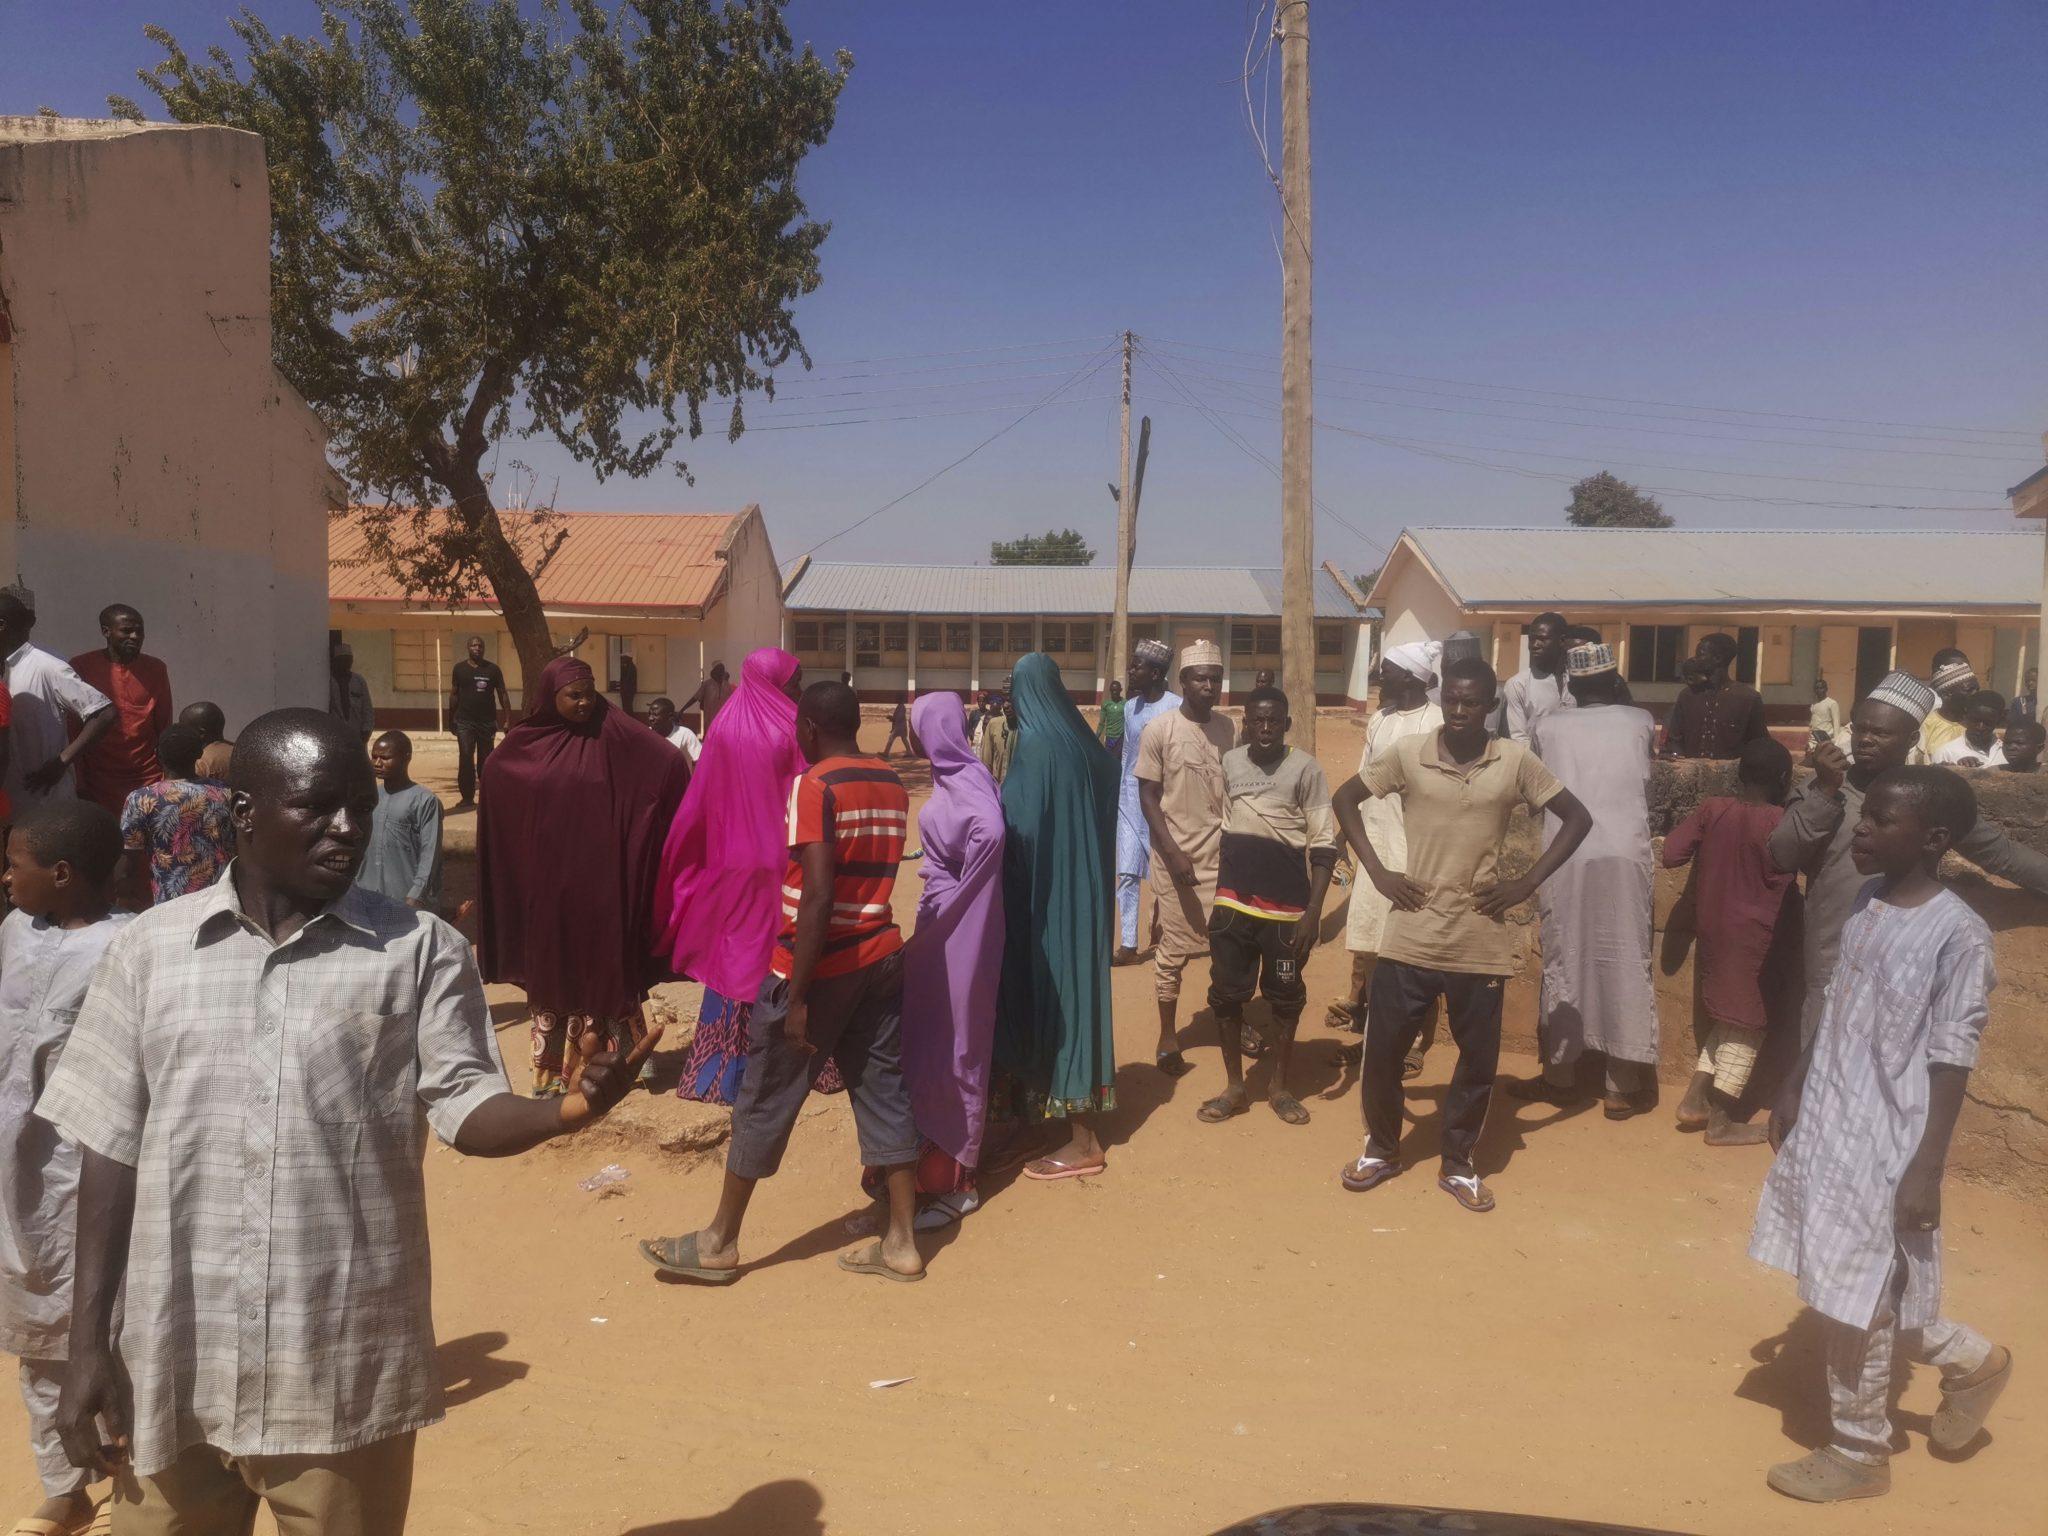 Menschen vor der Schule in Kankara: Boko Haram hat laut eigenen Angaben mehrere hundert Kinder entführt, weil sie angeblich westlich erzogen werden